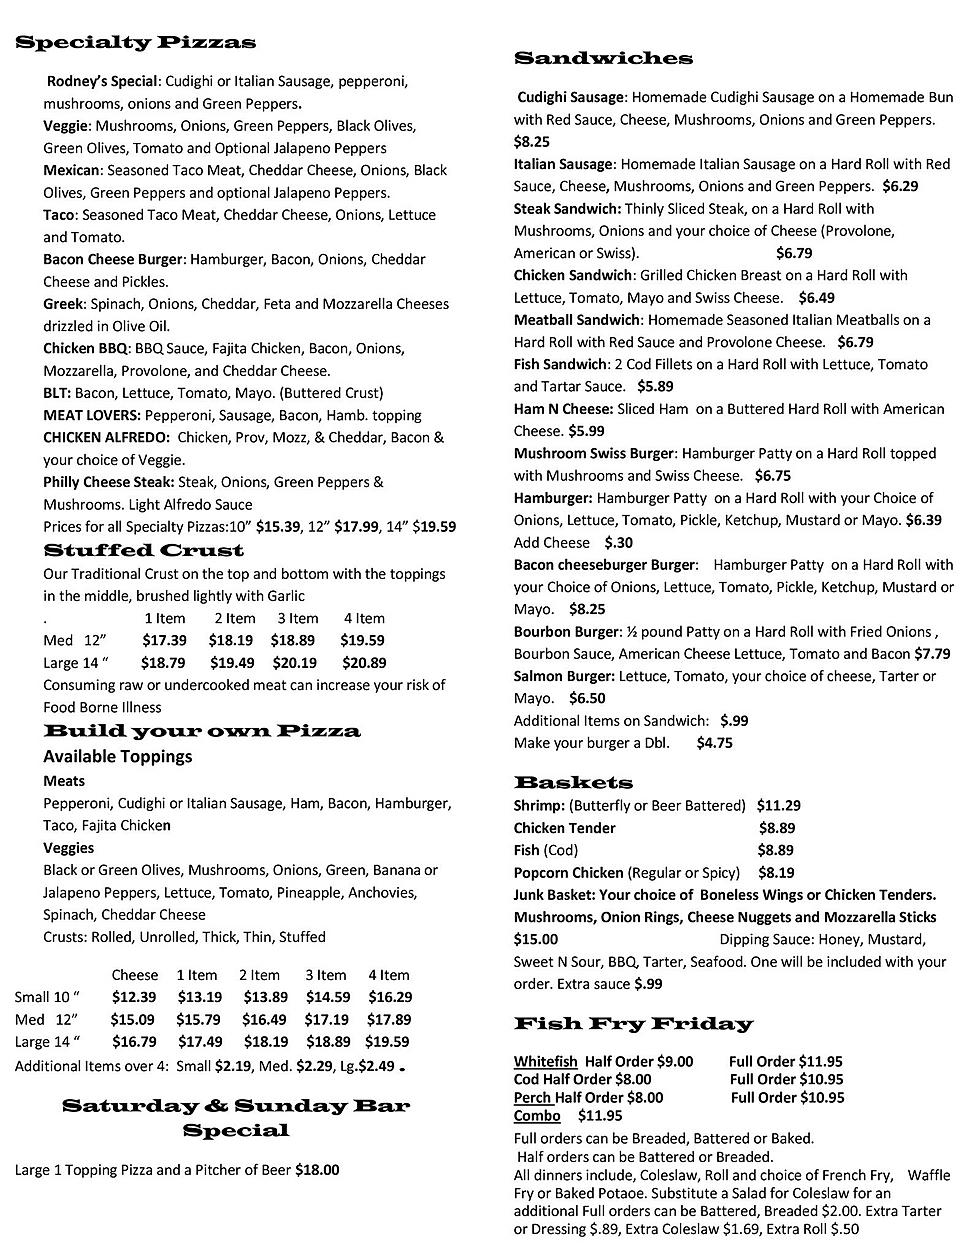 Rodney's pizza pizzeria restaurant menu list hours location deals Marquette Now